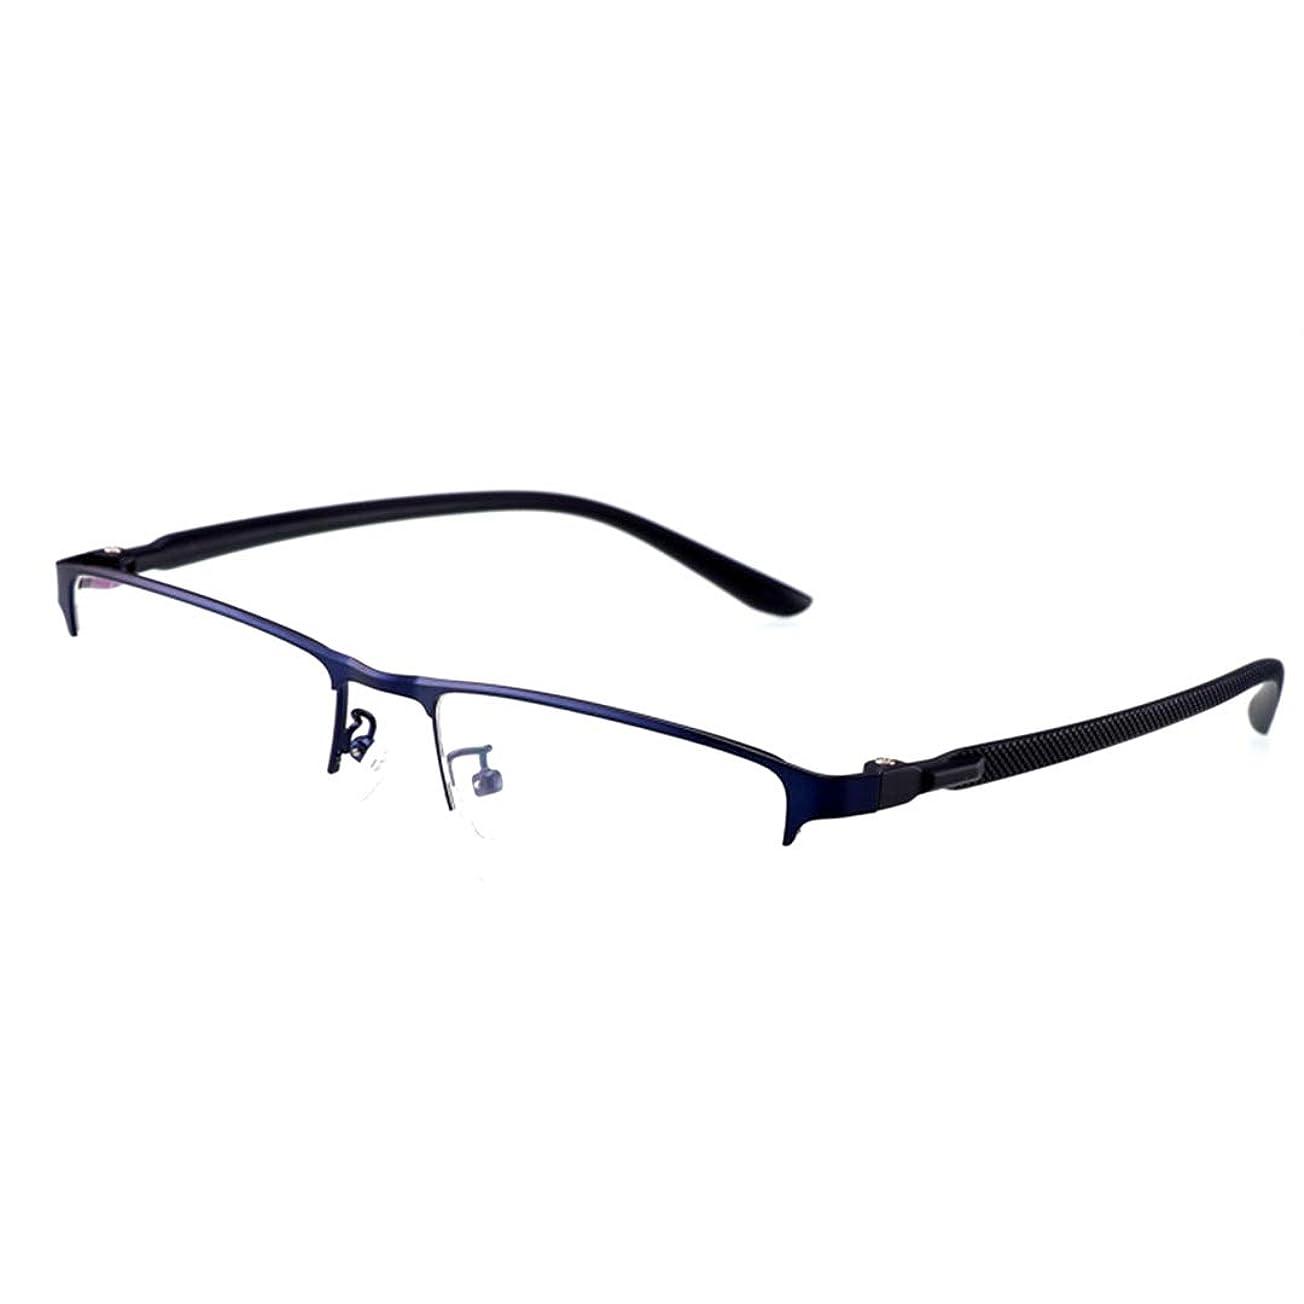 適用する上向き騒老眼鏡おしゃれ 老眼鏡 おしゃれ 虫眼鏡、変色サングラス採用 非球面 付き バネ蝶番 、UV変色が発生する老眼鏡